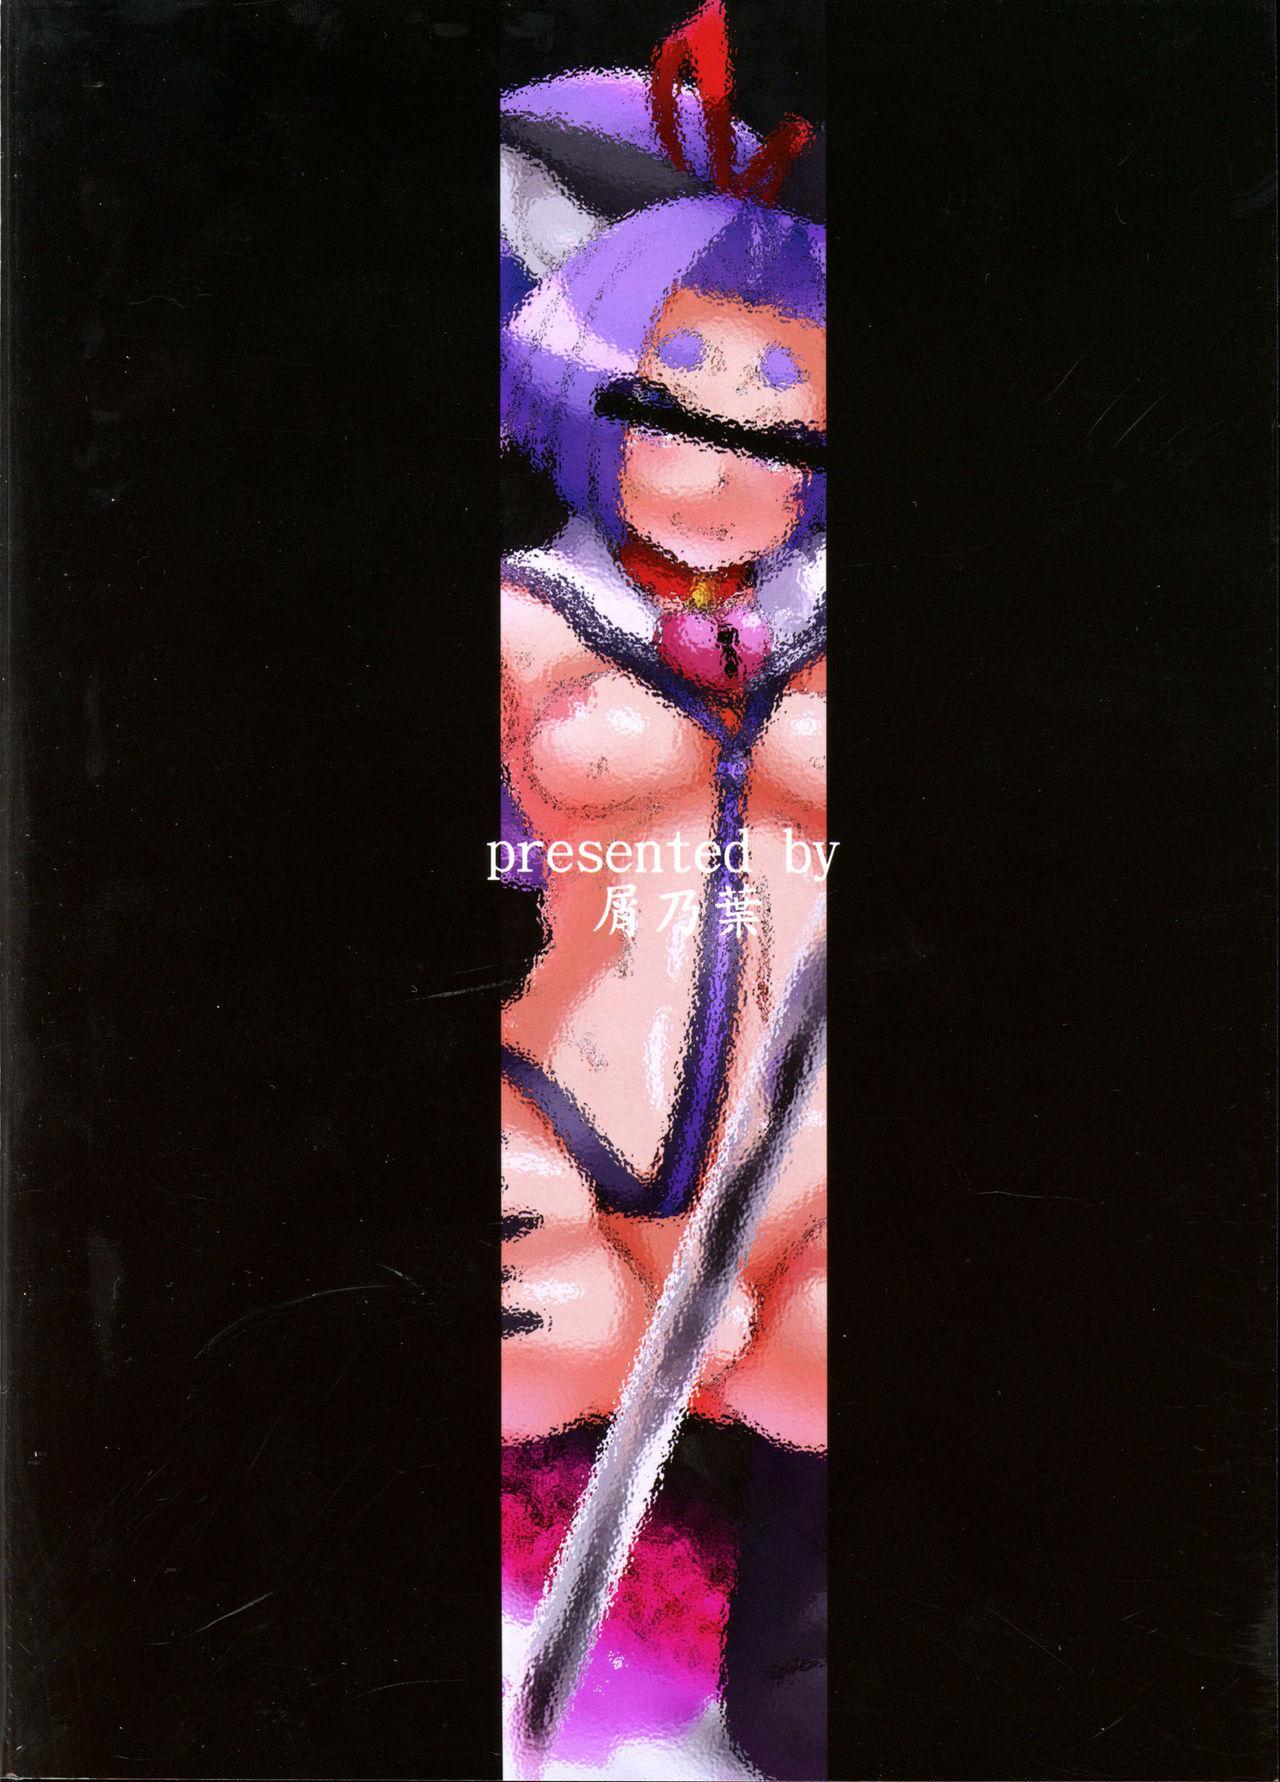 Dorei Shoufukan Hatsuharu | The Ship-Girl Hatsuharu Becomes an Enslaved Whore. 25